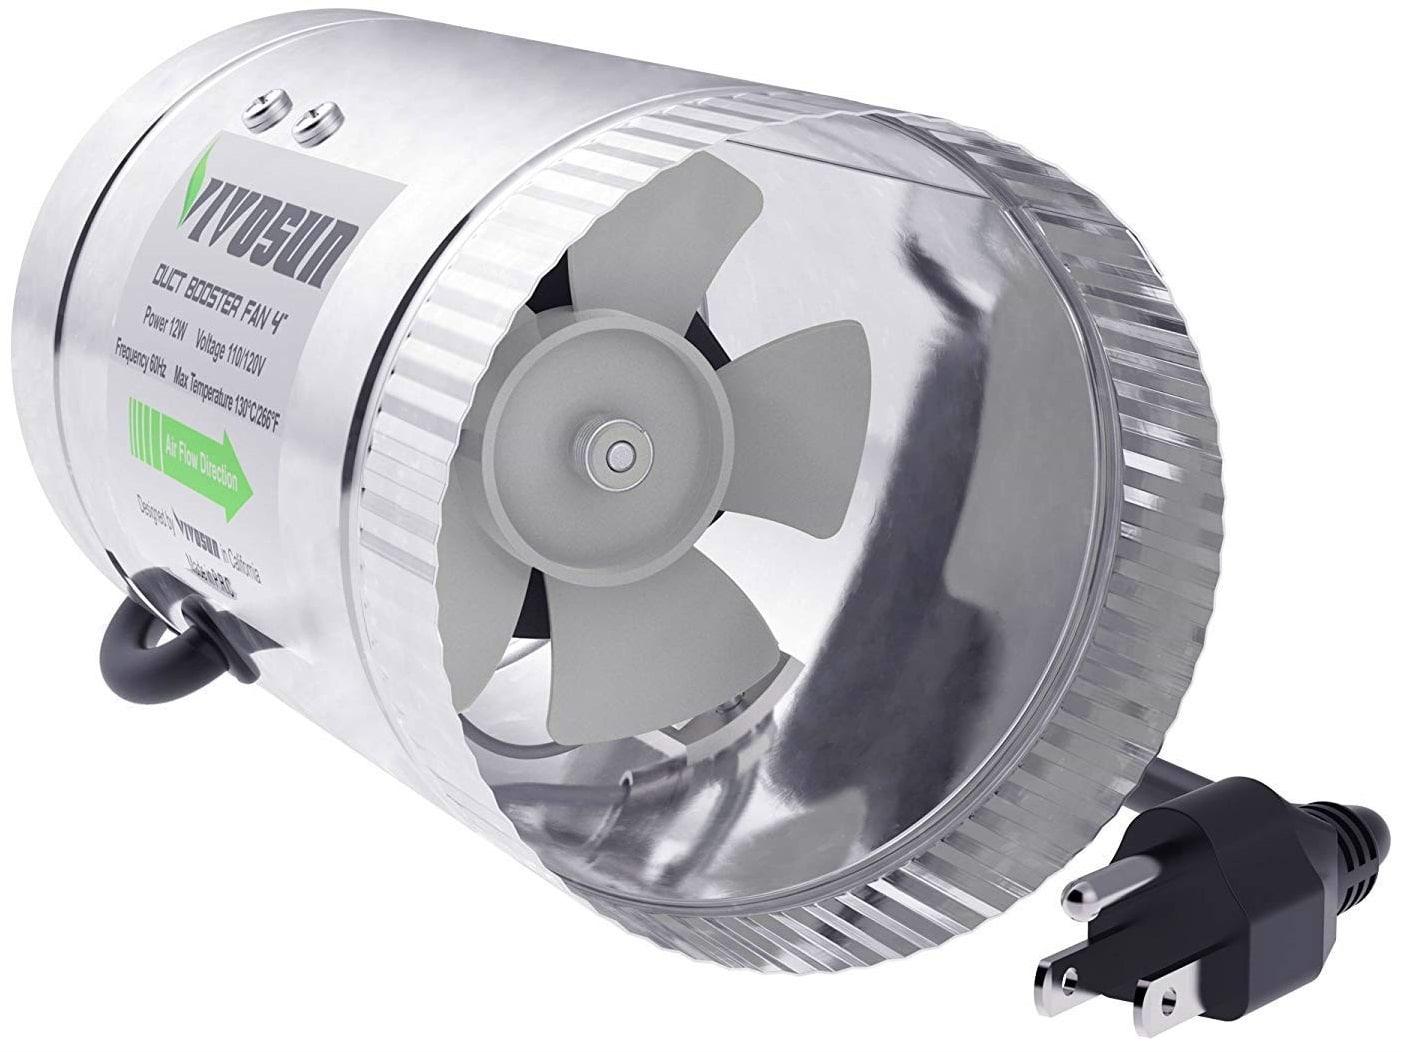 VIVOSUN 4 inch Inline Duct Booster Fan 100 CFM